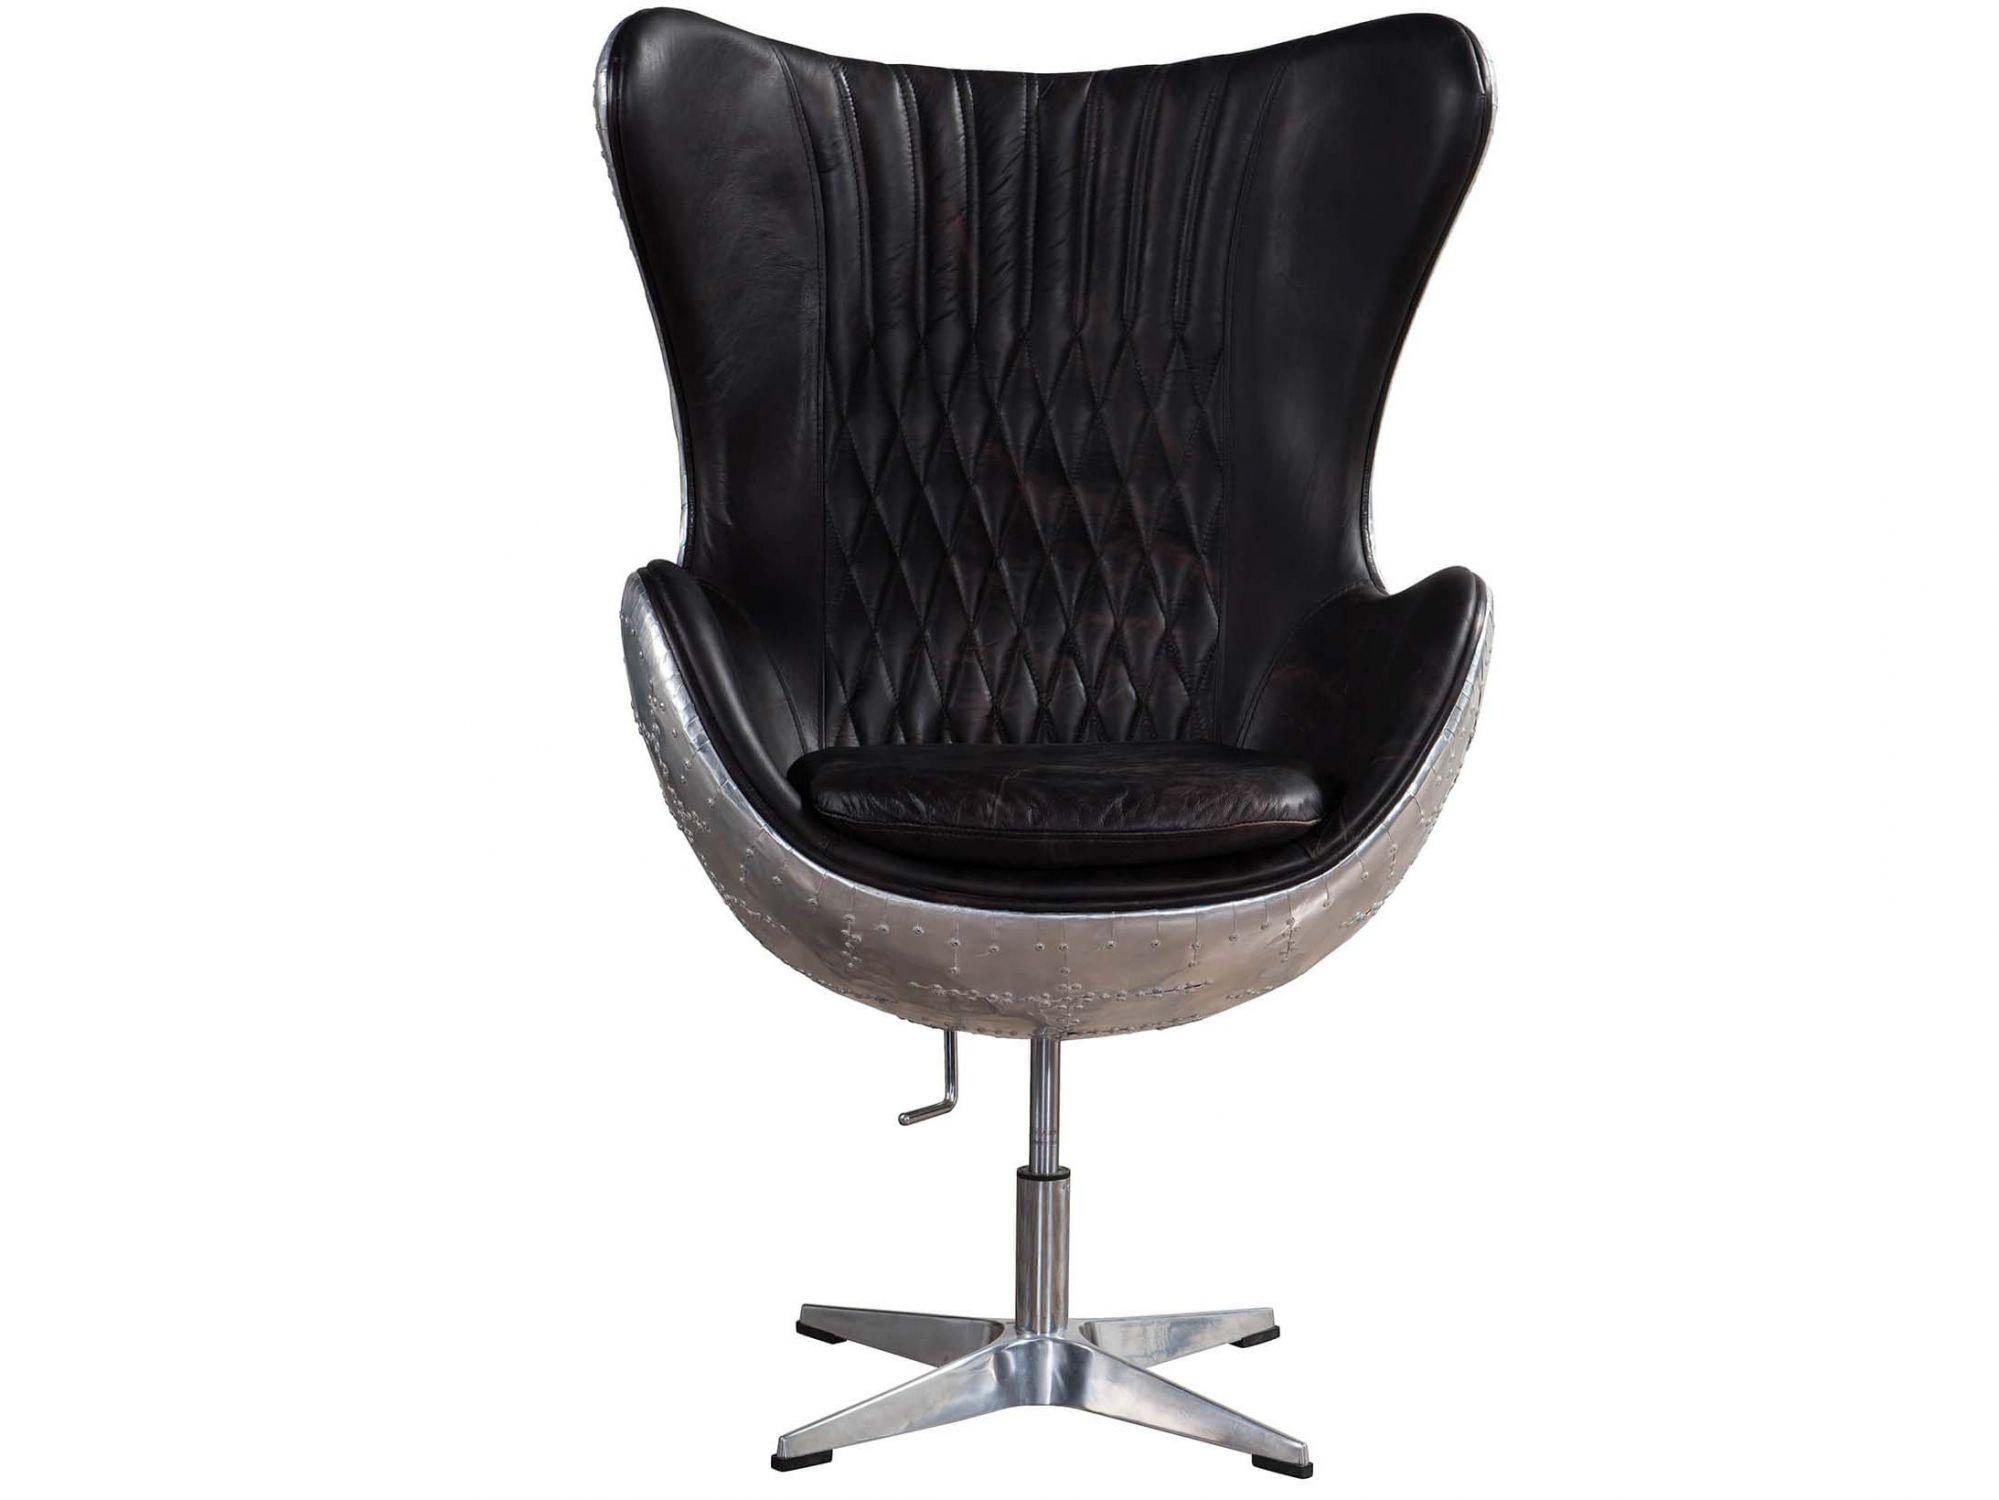 vintage egg chair walmart zero gravity aviator leather fiberglass inner frame 43